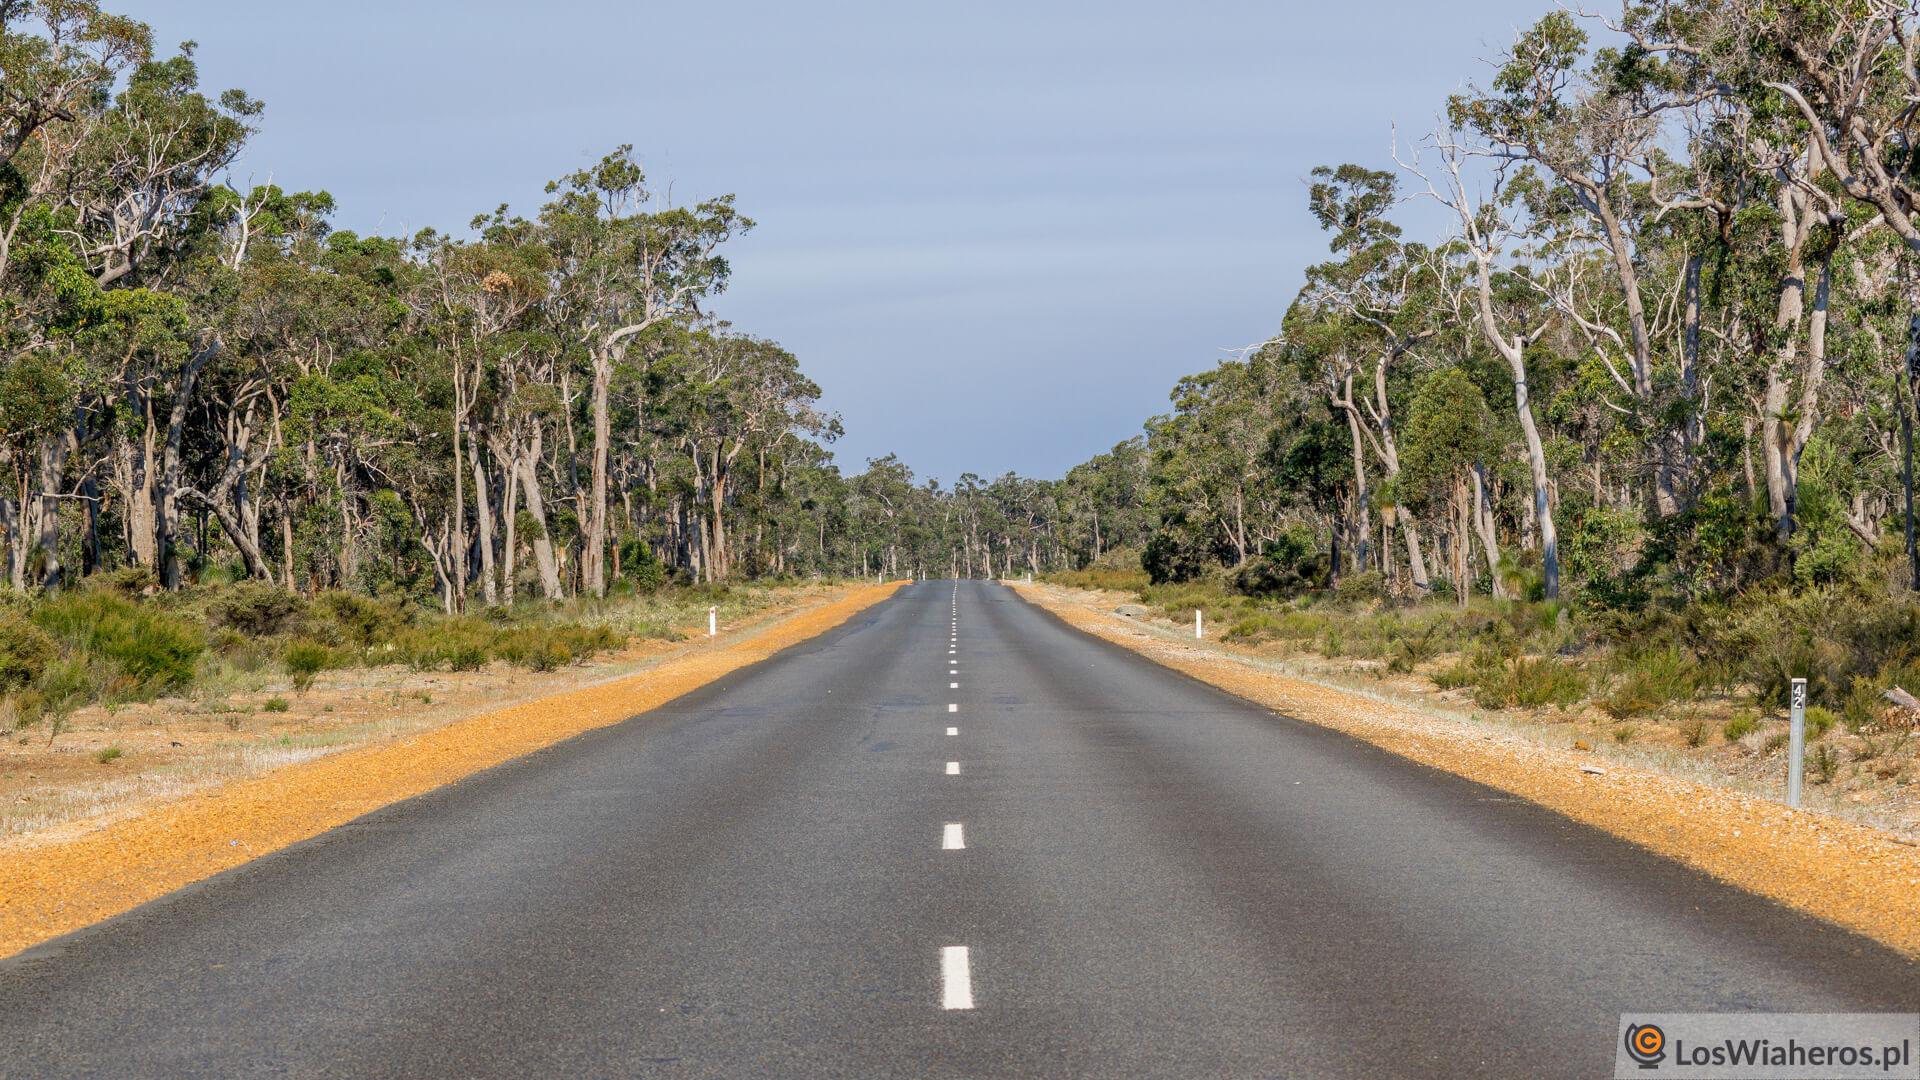 Nie wiadomo, co przyniesie droga zakilkadziesiąt kilometrów. Tutaj ładnie ispokojnie, żebyzachwilę...